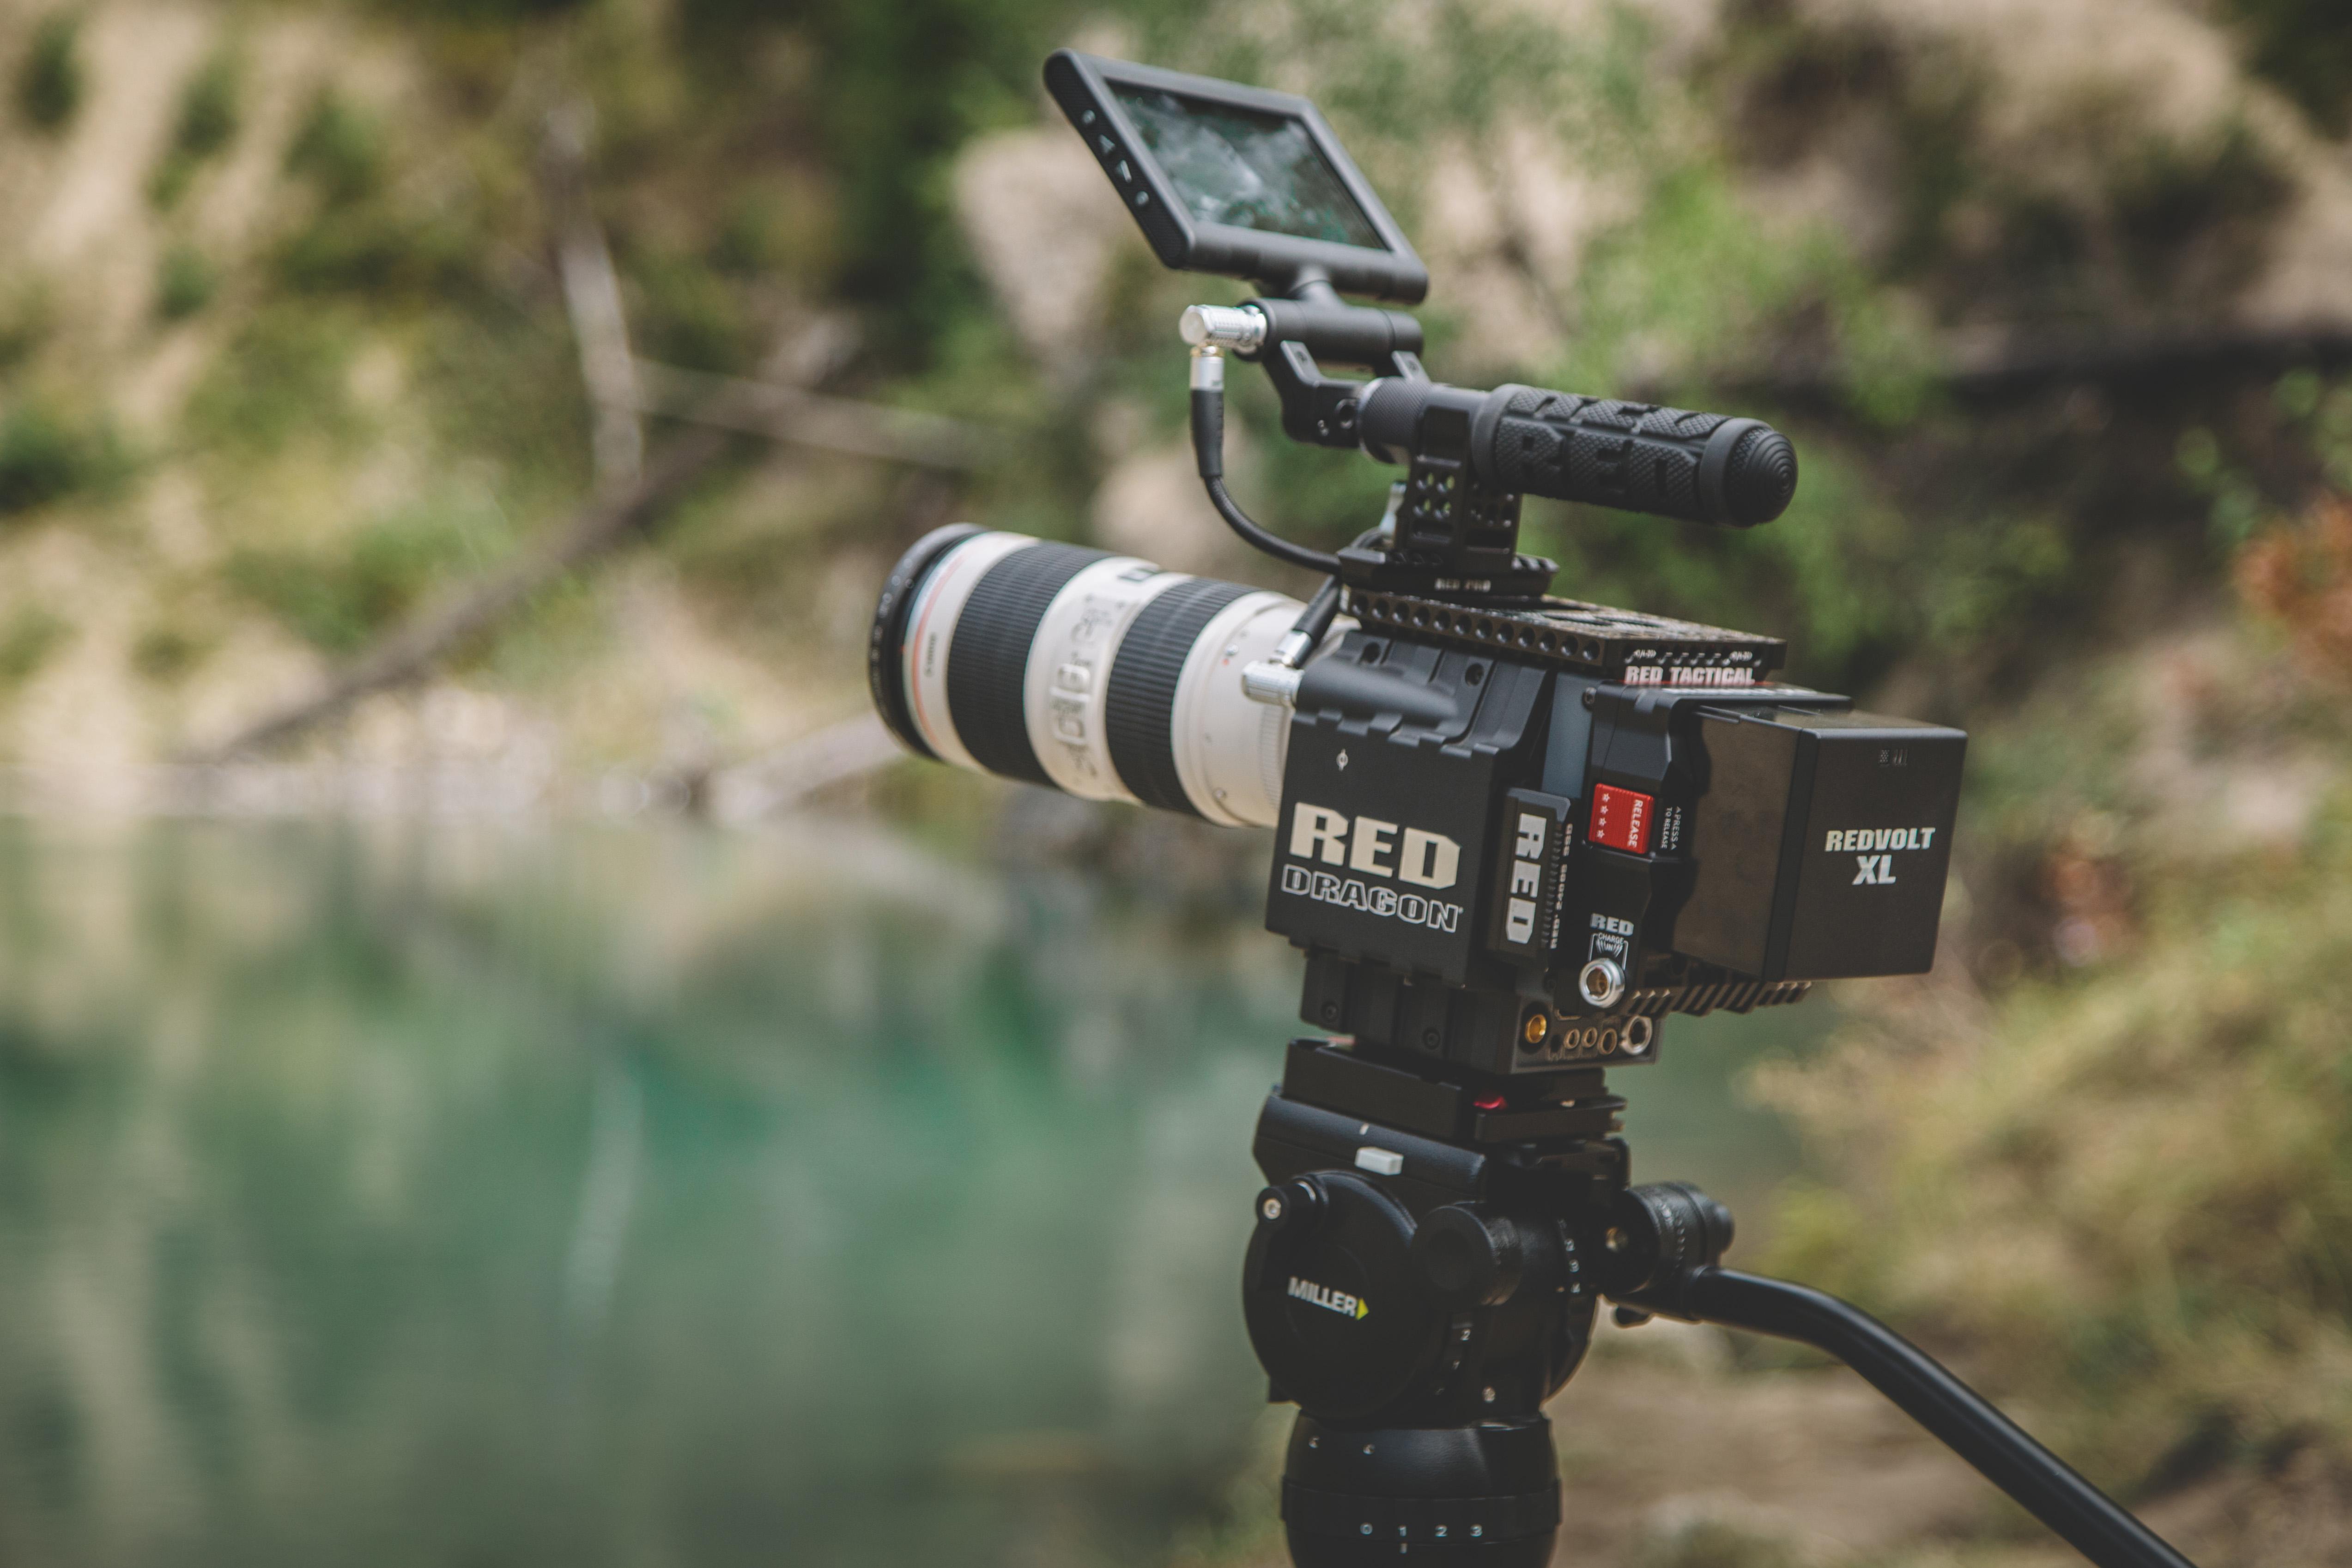 Iconium RED camera